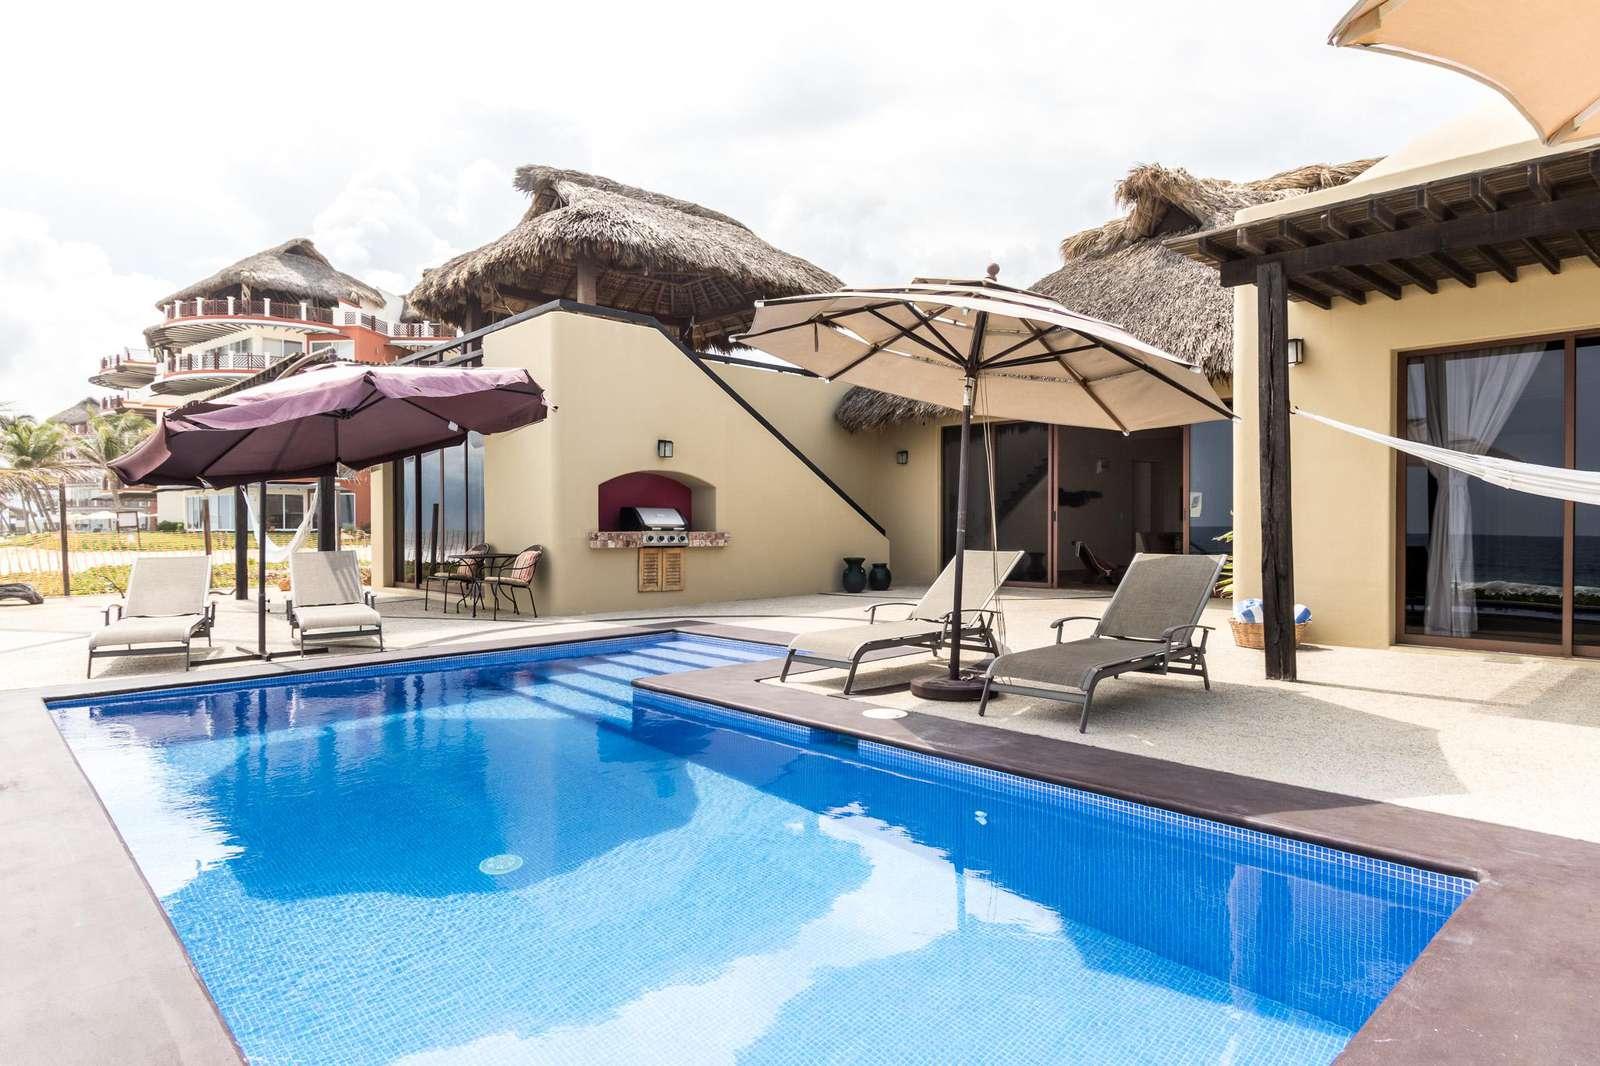 85711 – Casa Paz - property